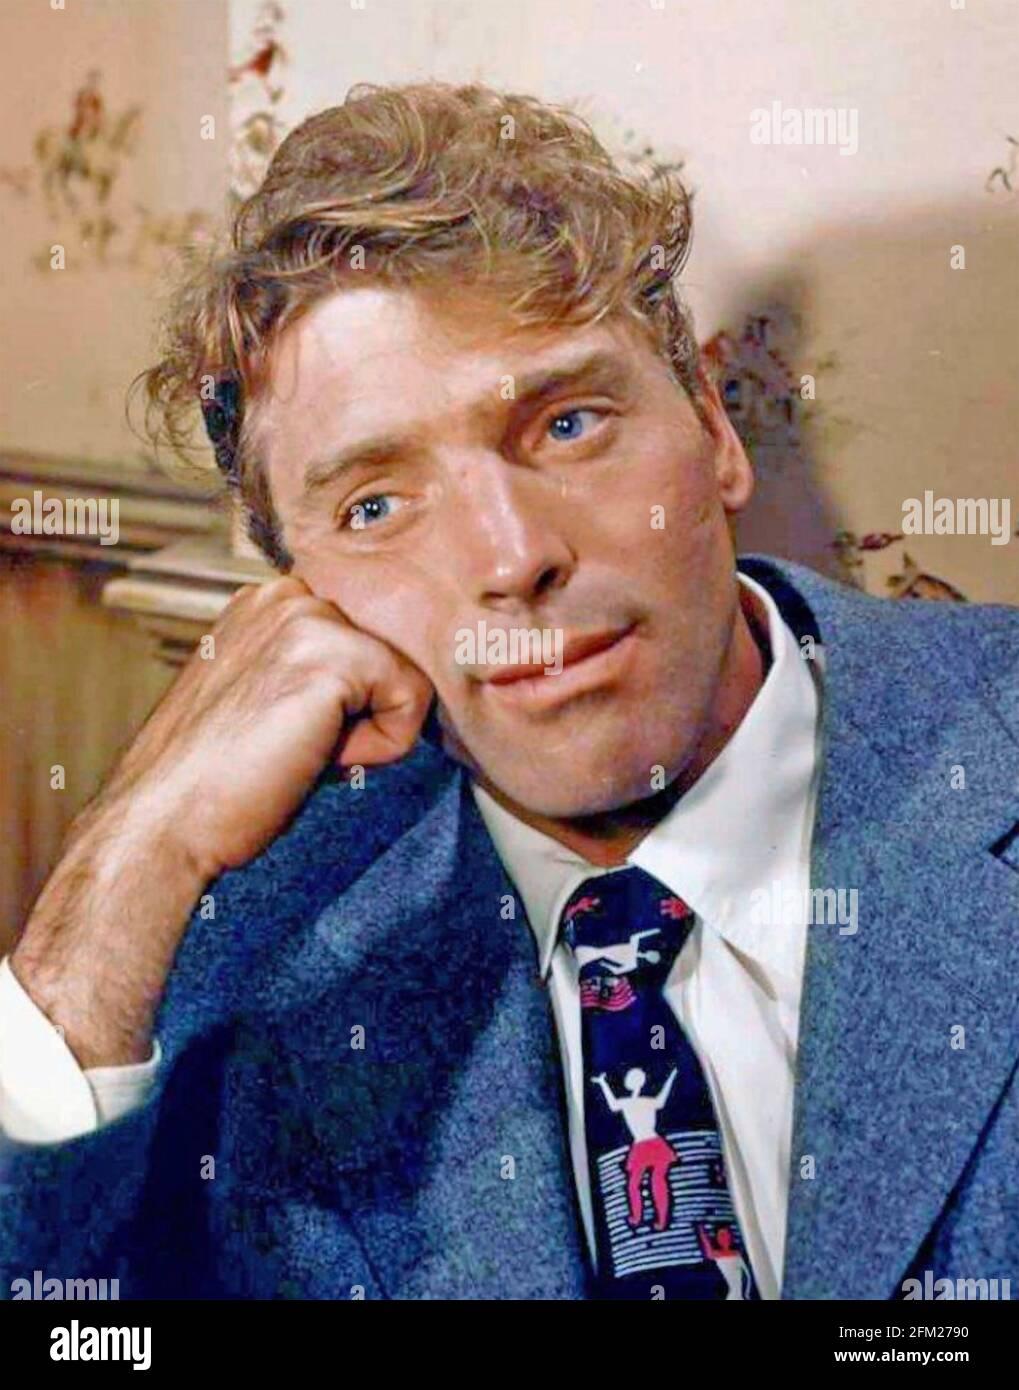 BURT LANCASTER (1-913-1994) actor y productor de cine estadounidense cerca de 1947 Foto de stock